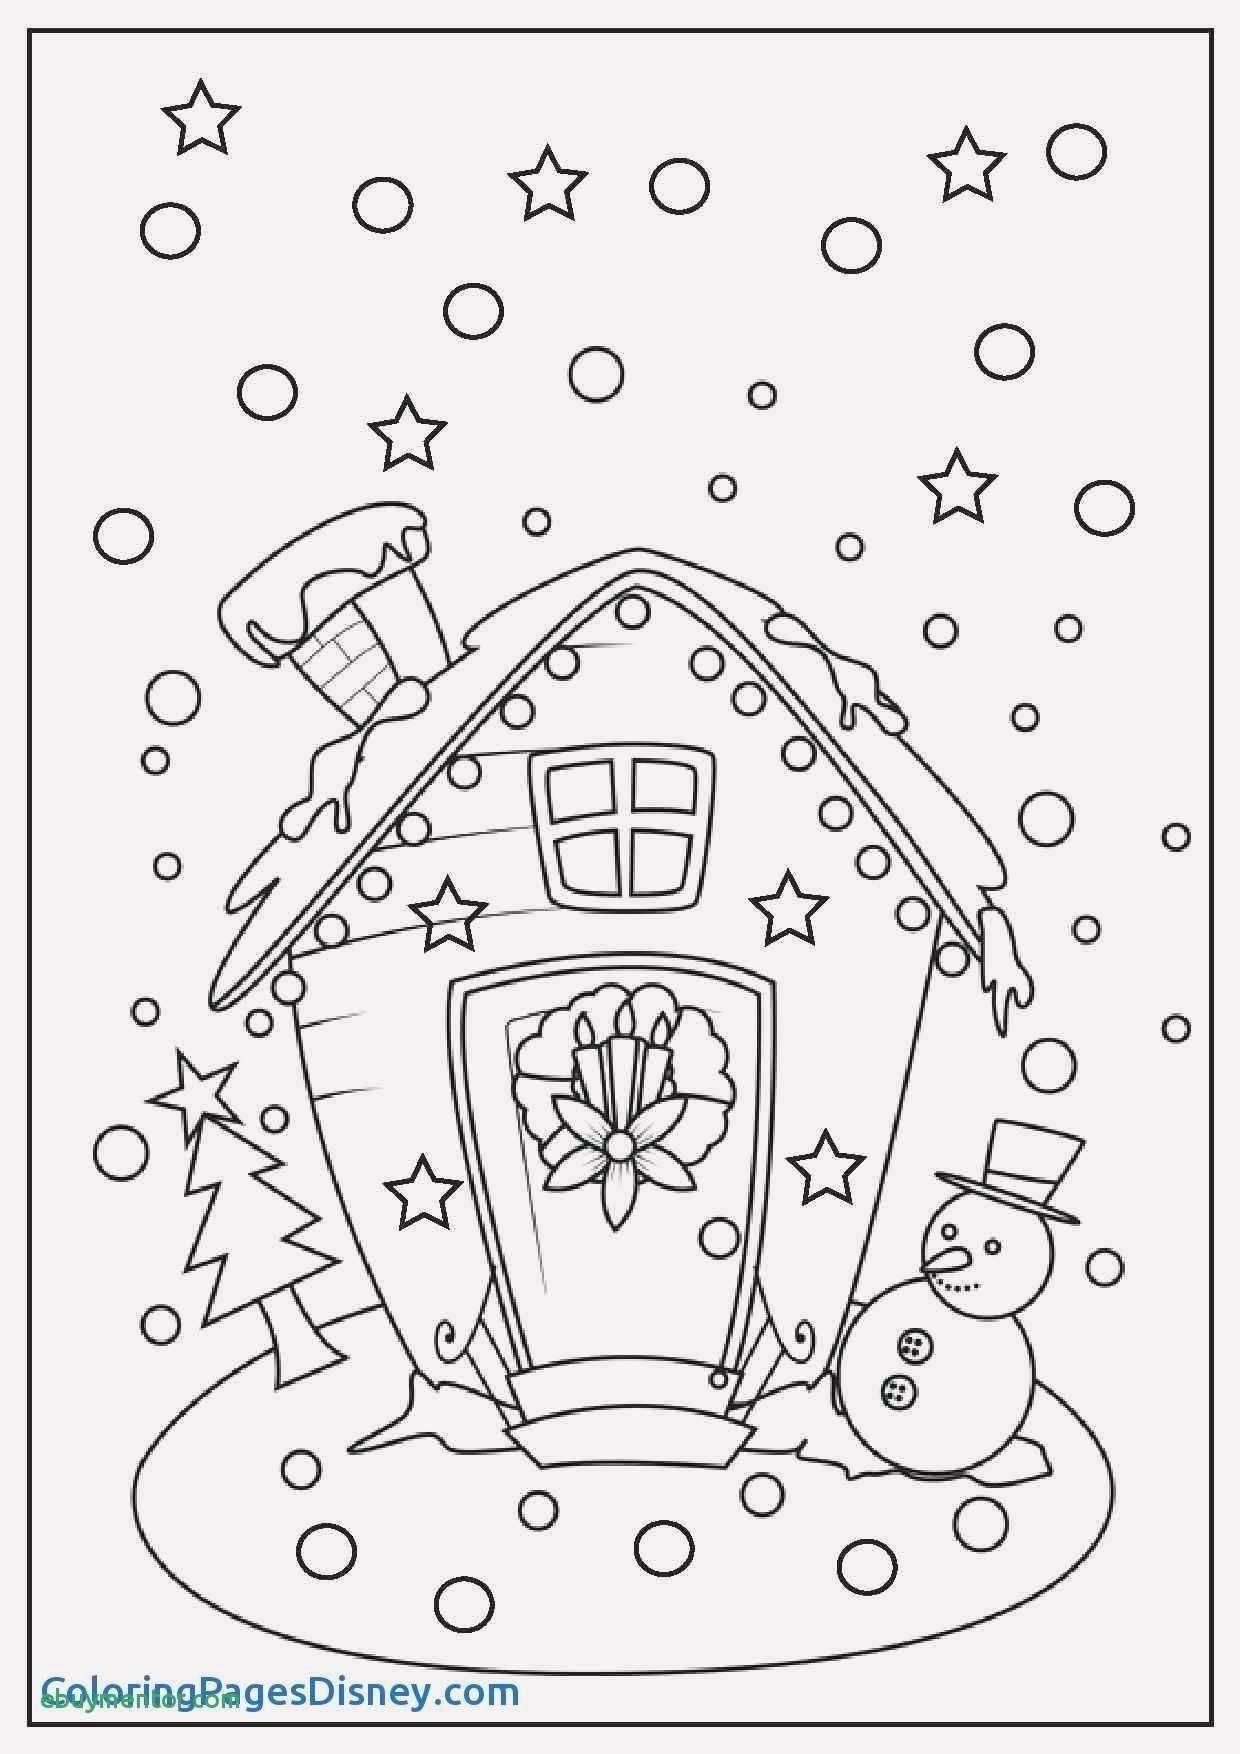 Ausmalbild Weihnachten Engel Neu 25 Erstaunlich Ausmalbilder Weihnachten Olaf Design Von Engel Zu Stock